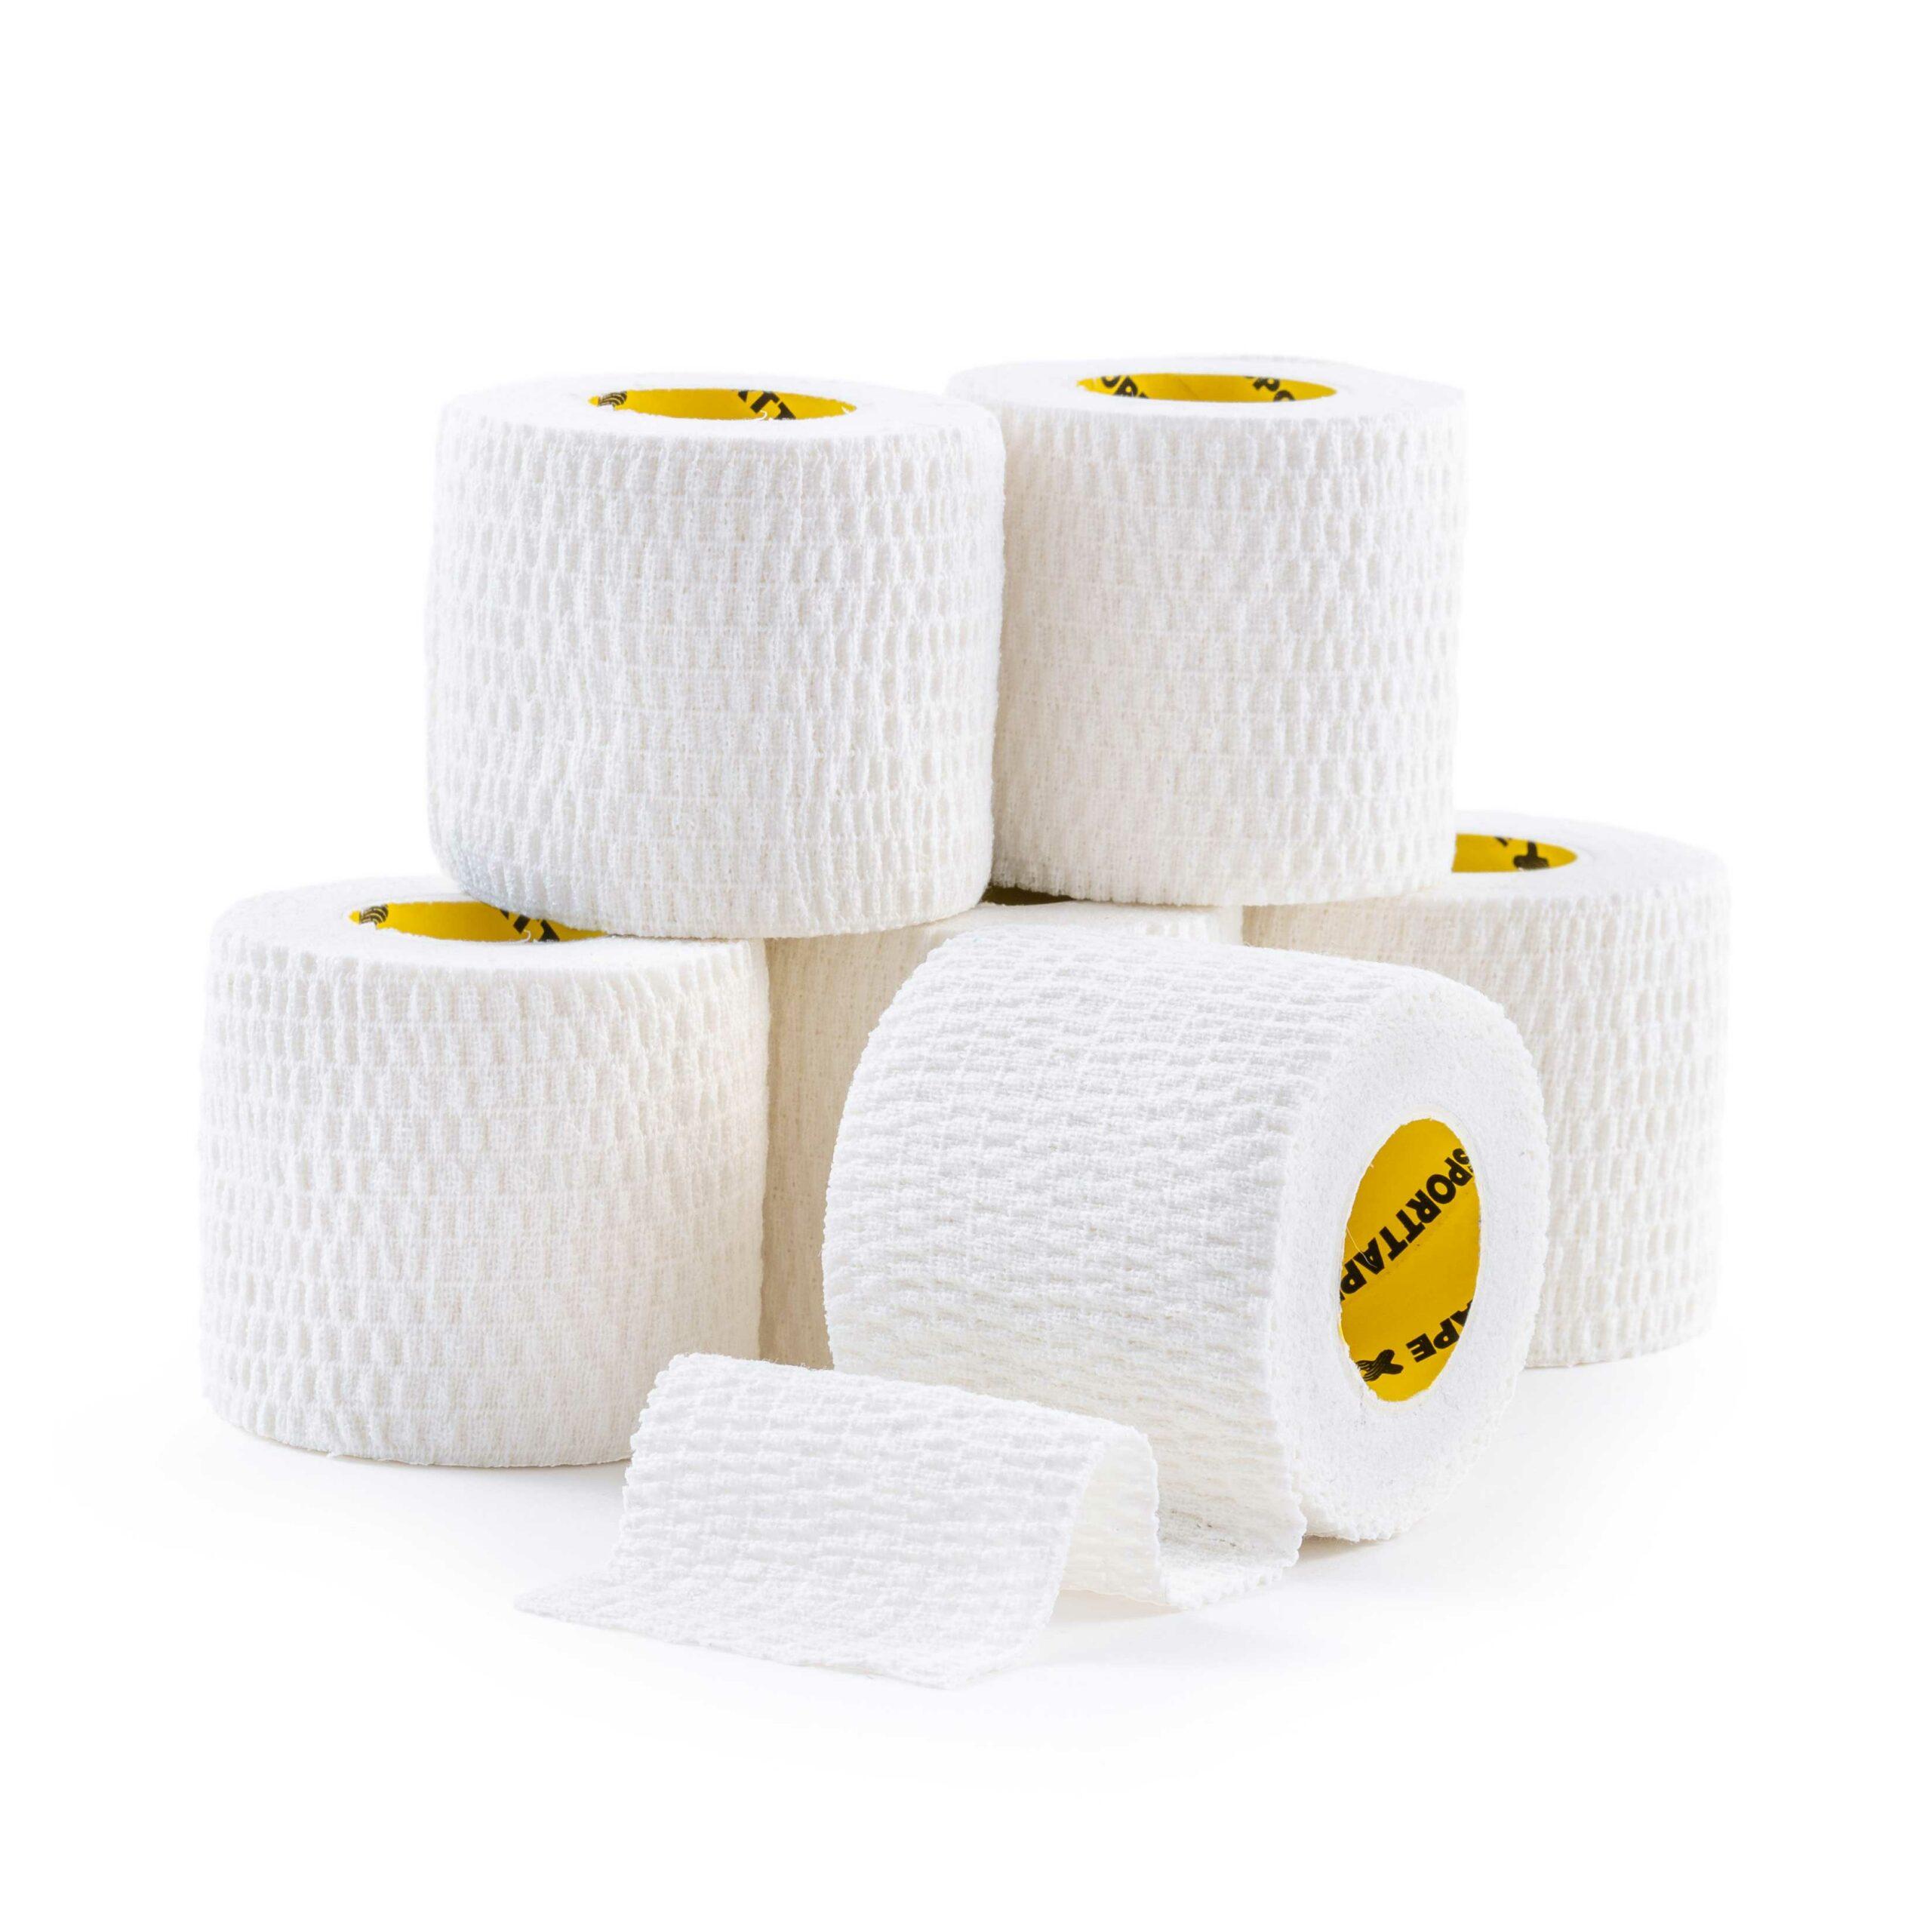 Tear EAB 5cm x 4.5m White 6 Rolls